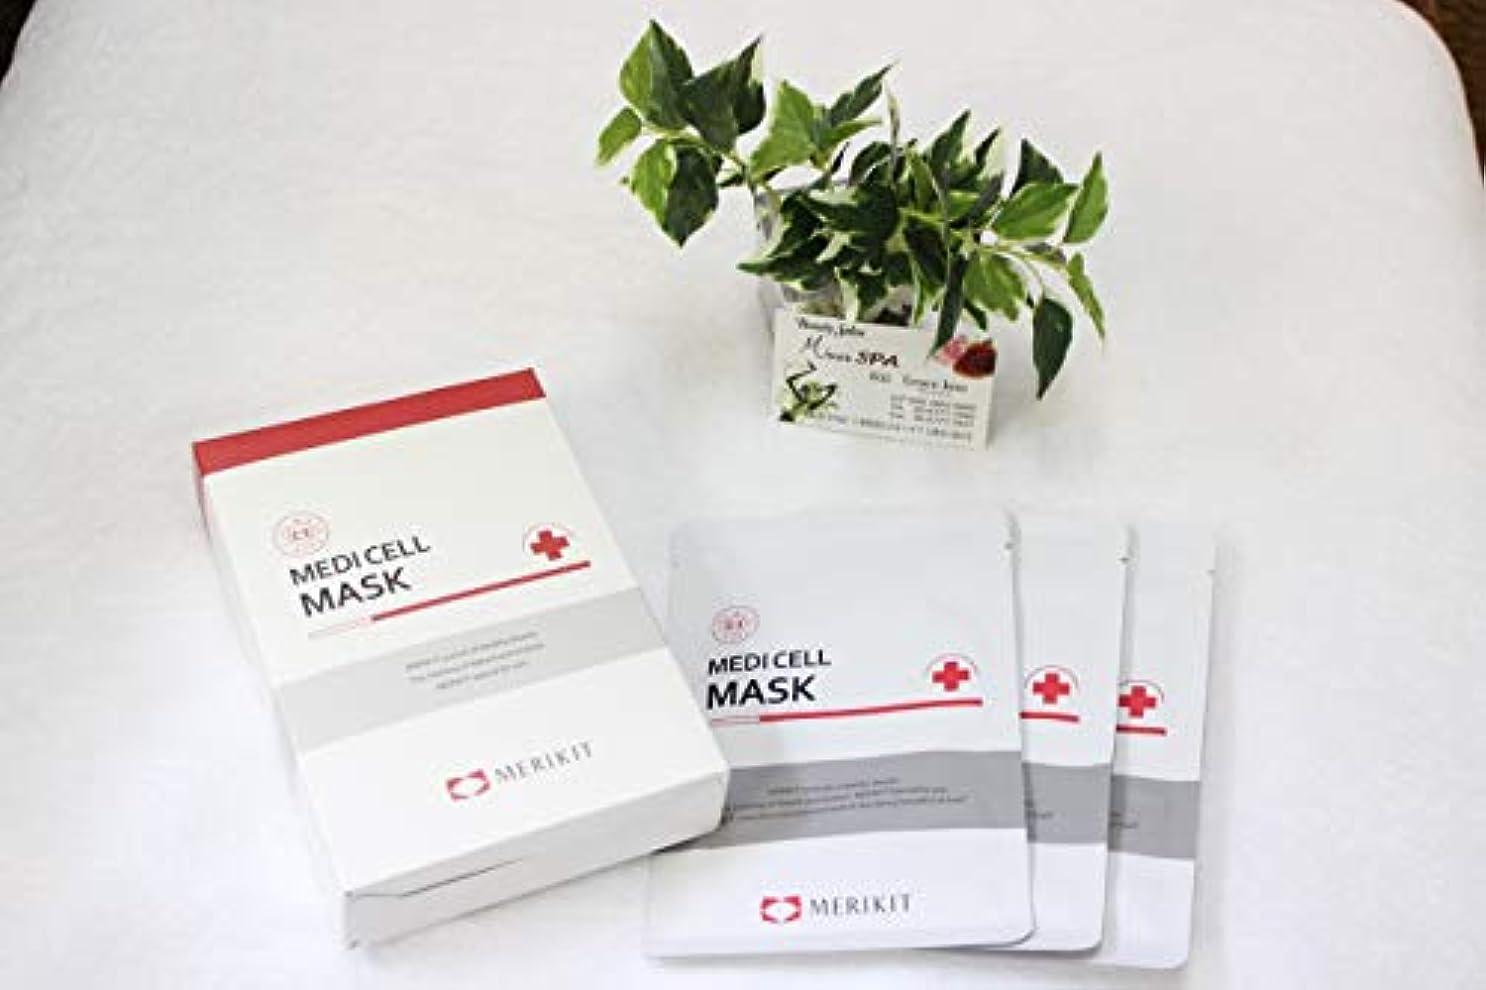 コスト皮肉空虚[merikit]韓国製 エステサロン絶賛 medicell mask フェイスパック10枚